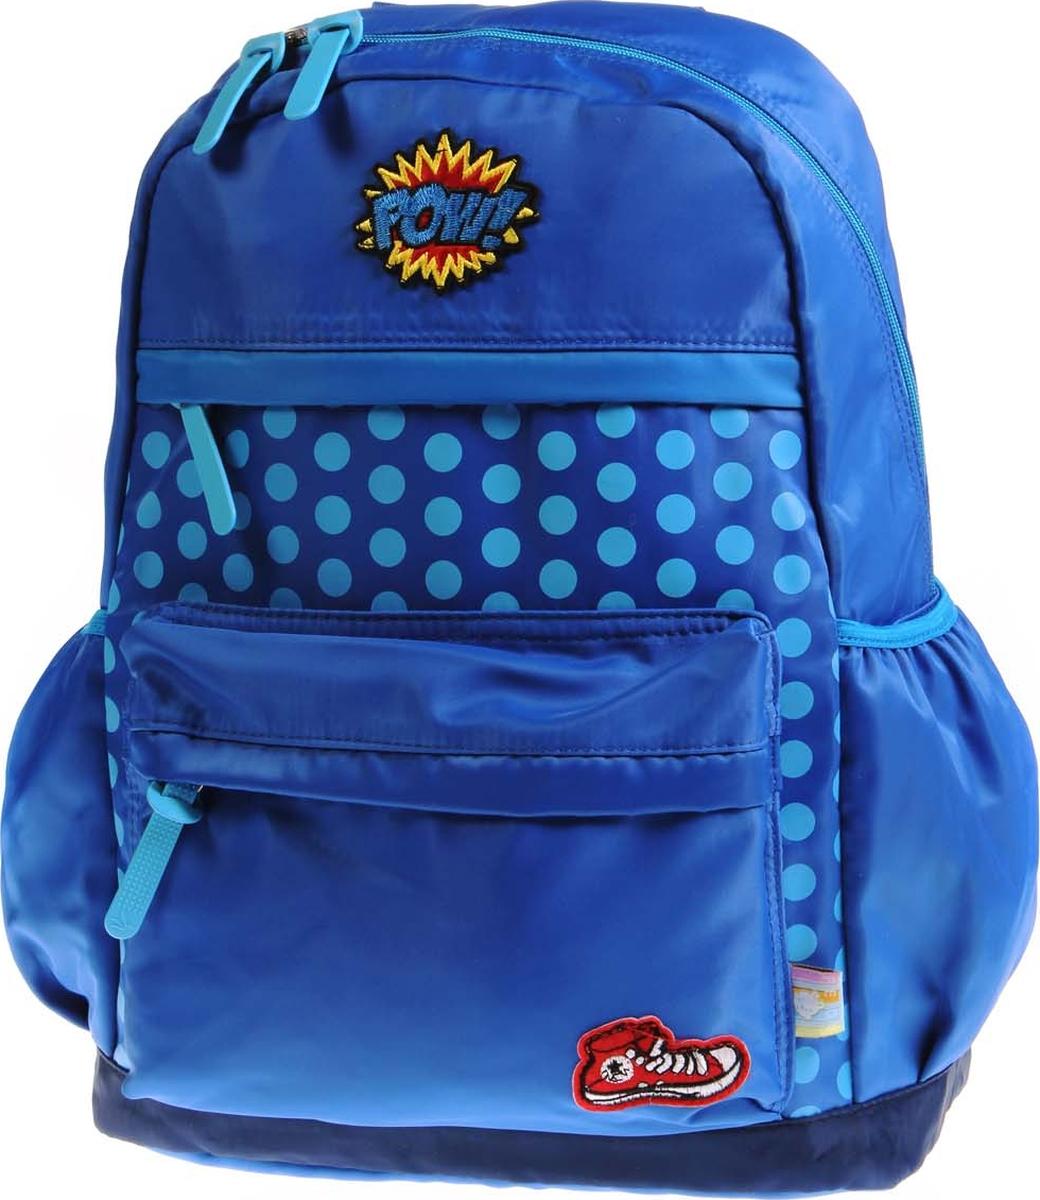 Vittorio Richi Рюкзак детский с наполнением цвет голубой K05R5505 vittorio richi рюкзак детский с наполнением цвет голубой k05r5505